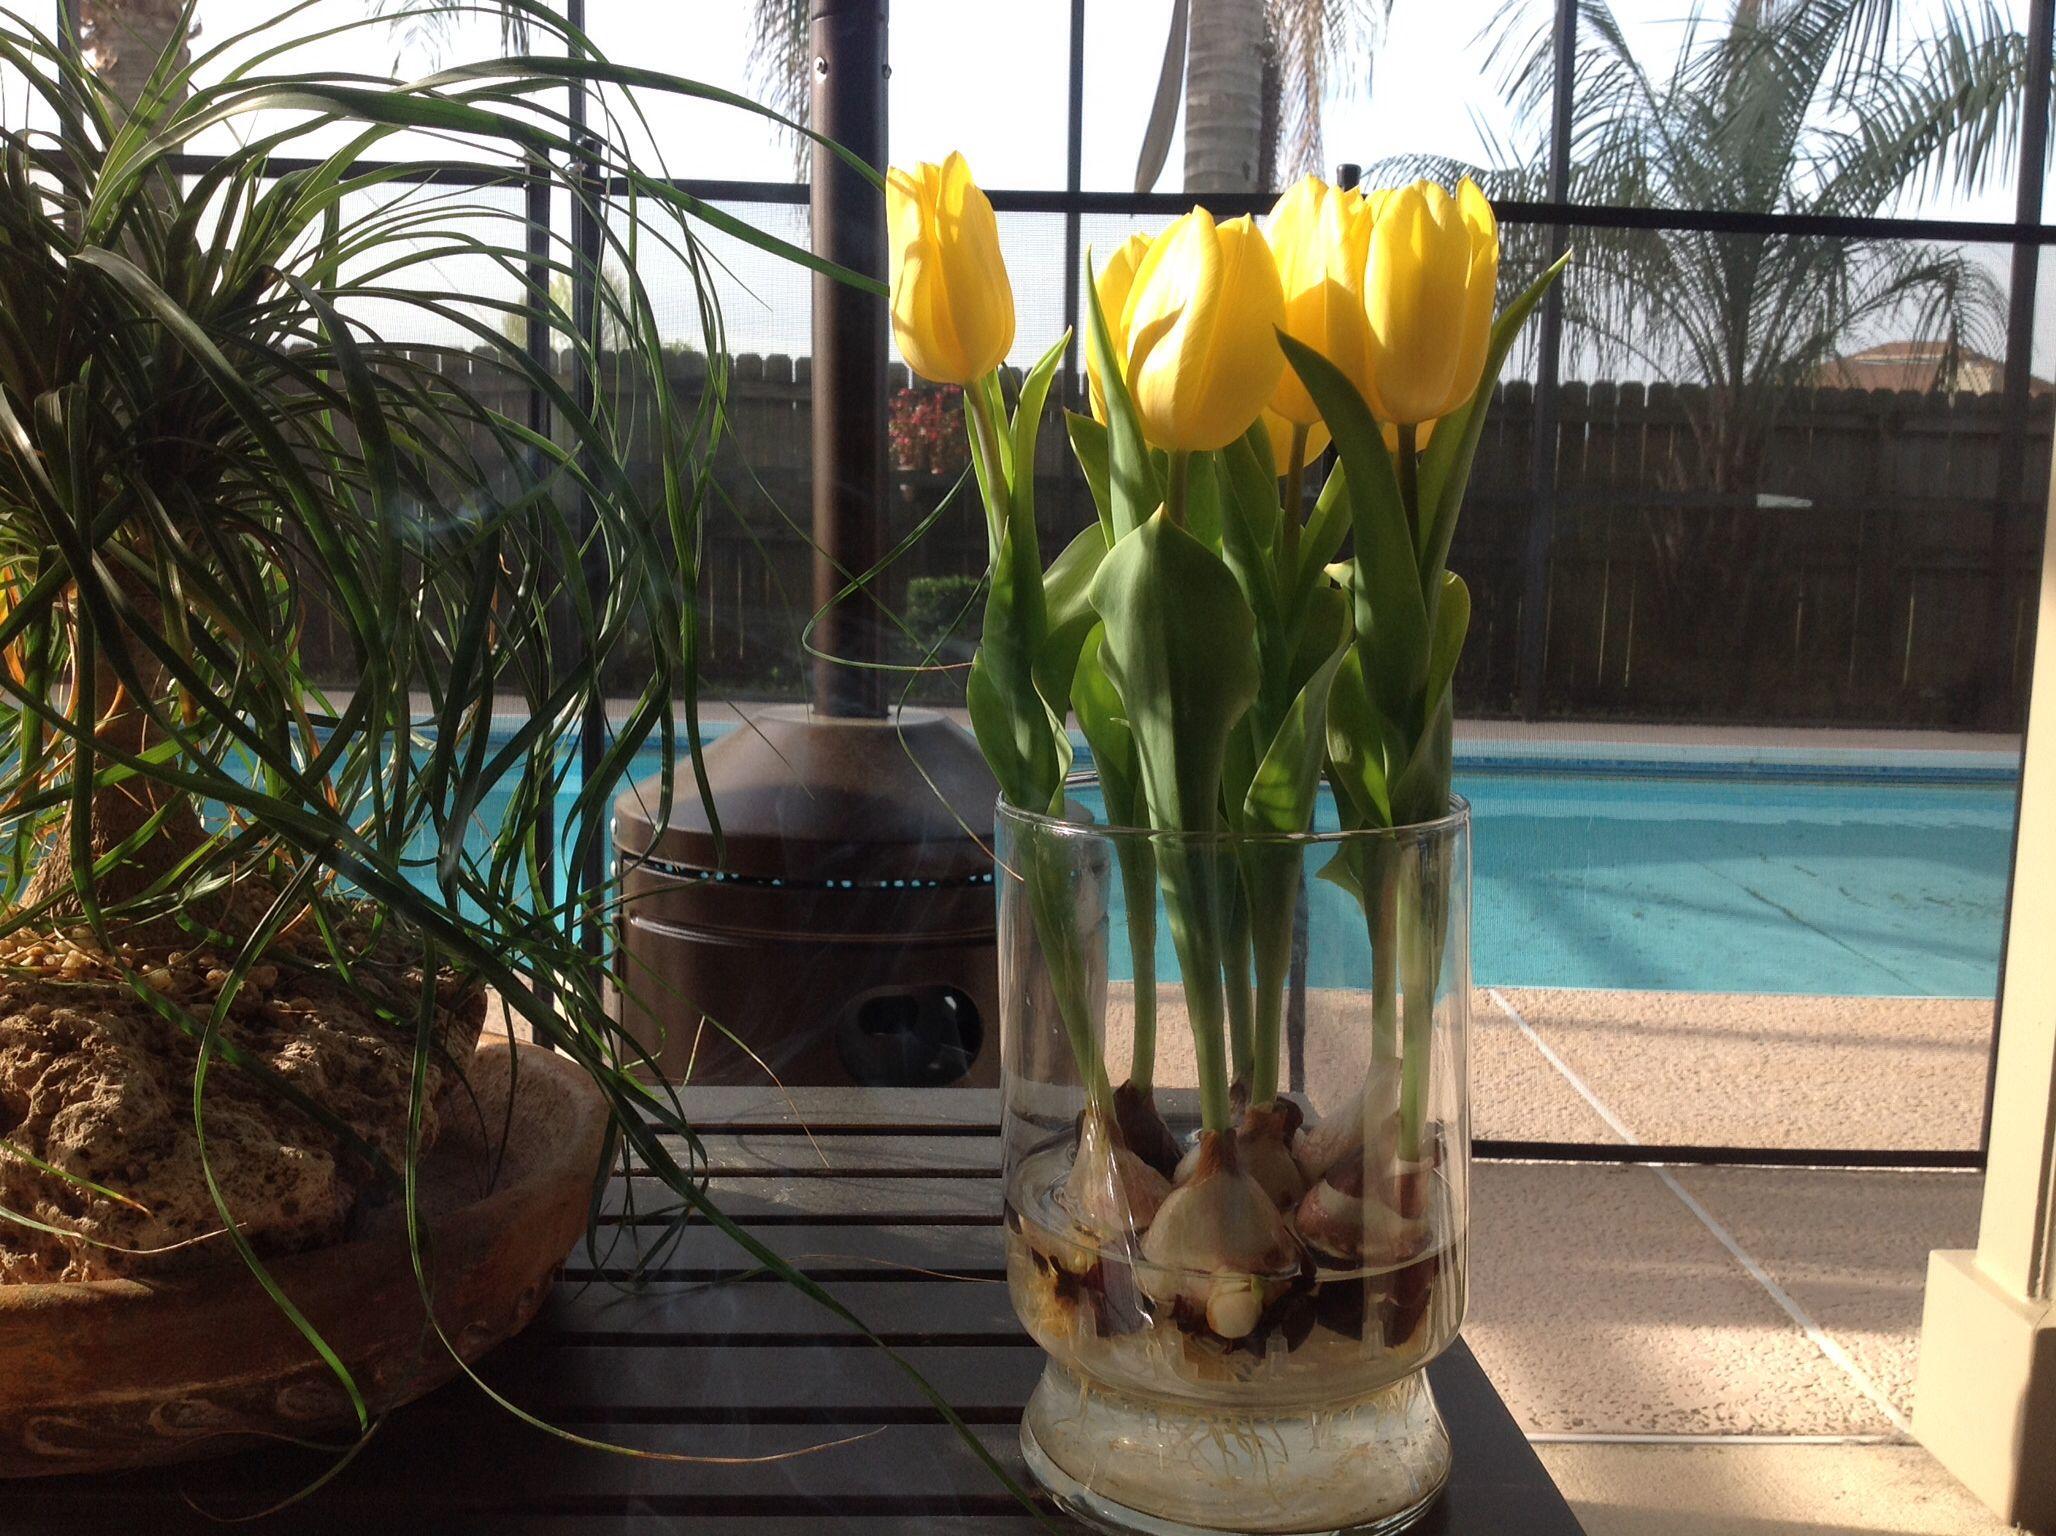 Los tulipanes no les agrada el calor de la florida as que - Contenedor de agua ...